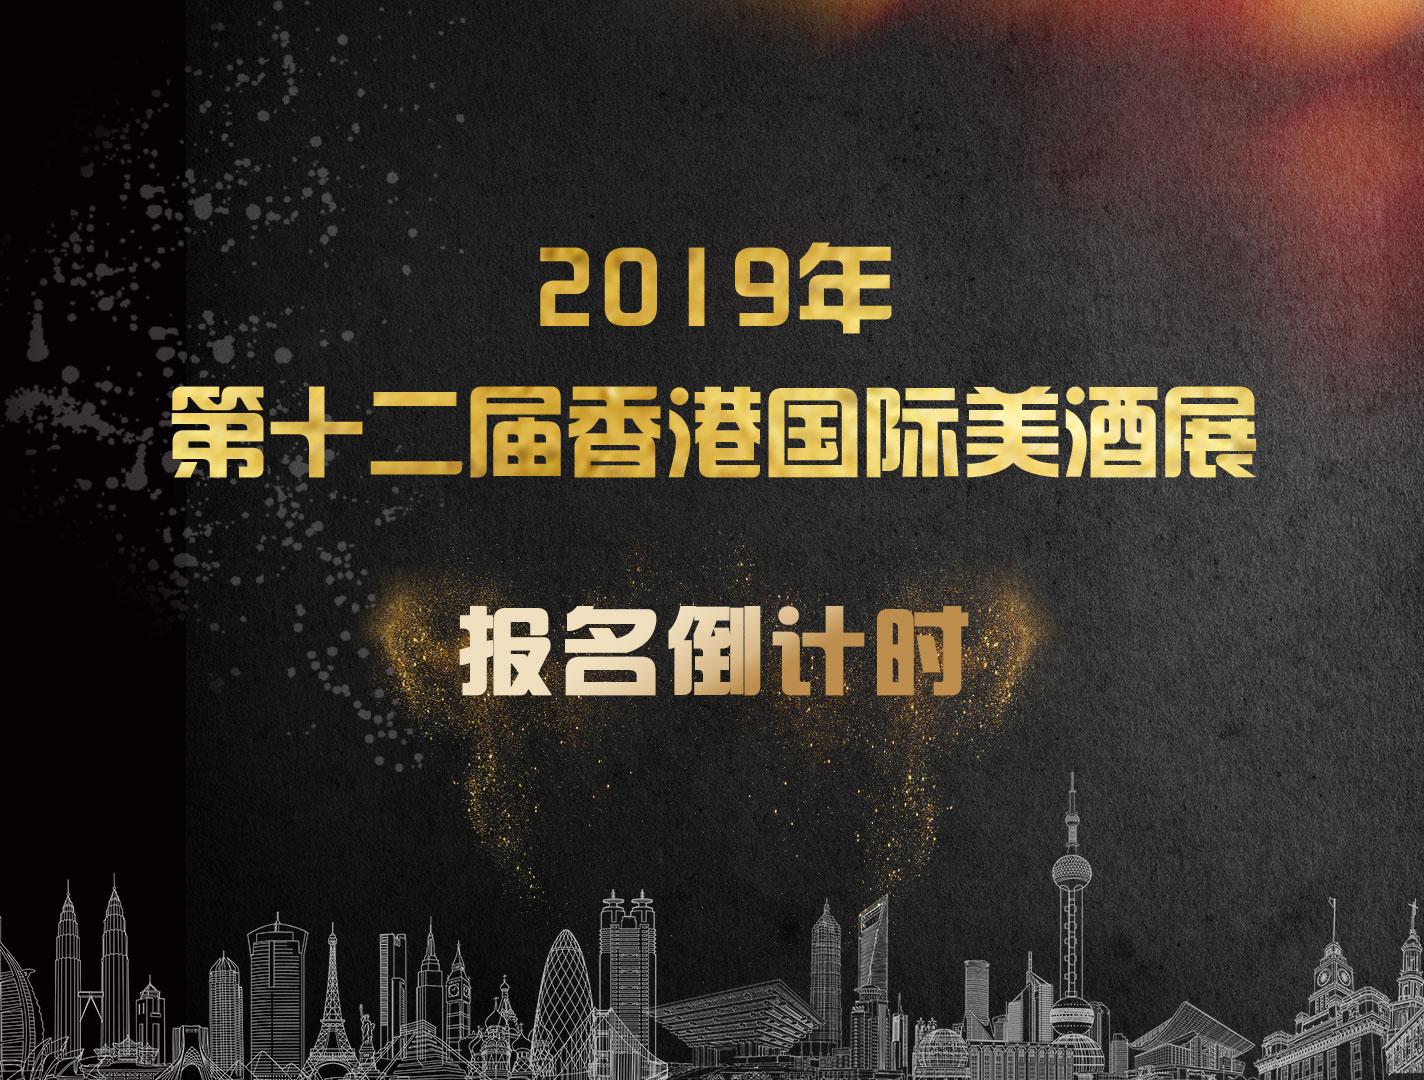 第十二届香港国际美酒展报名倒计时